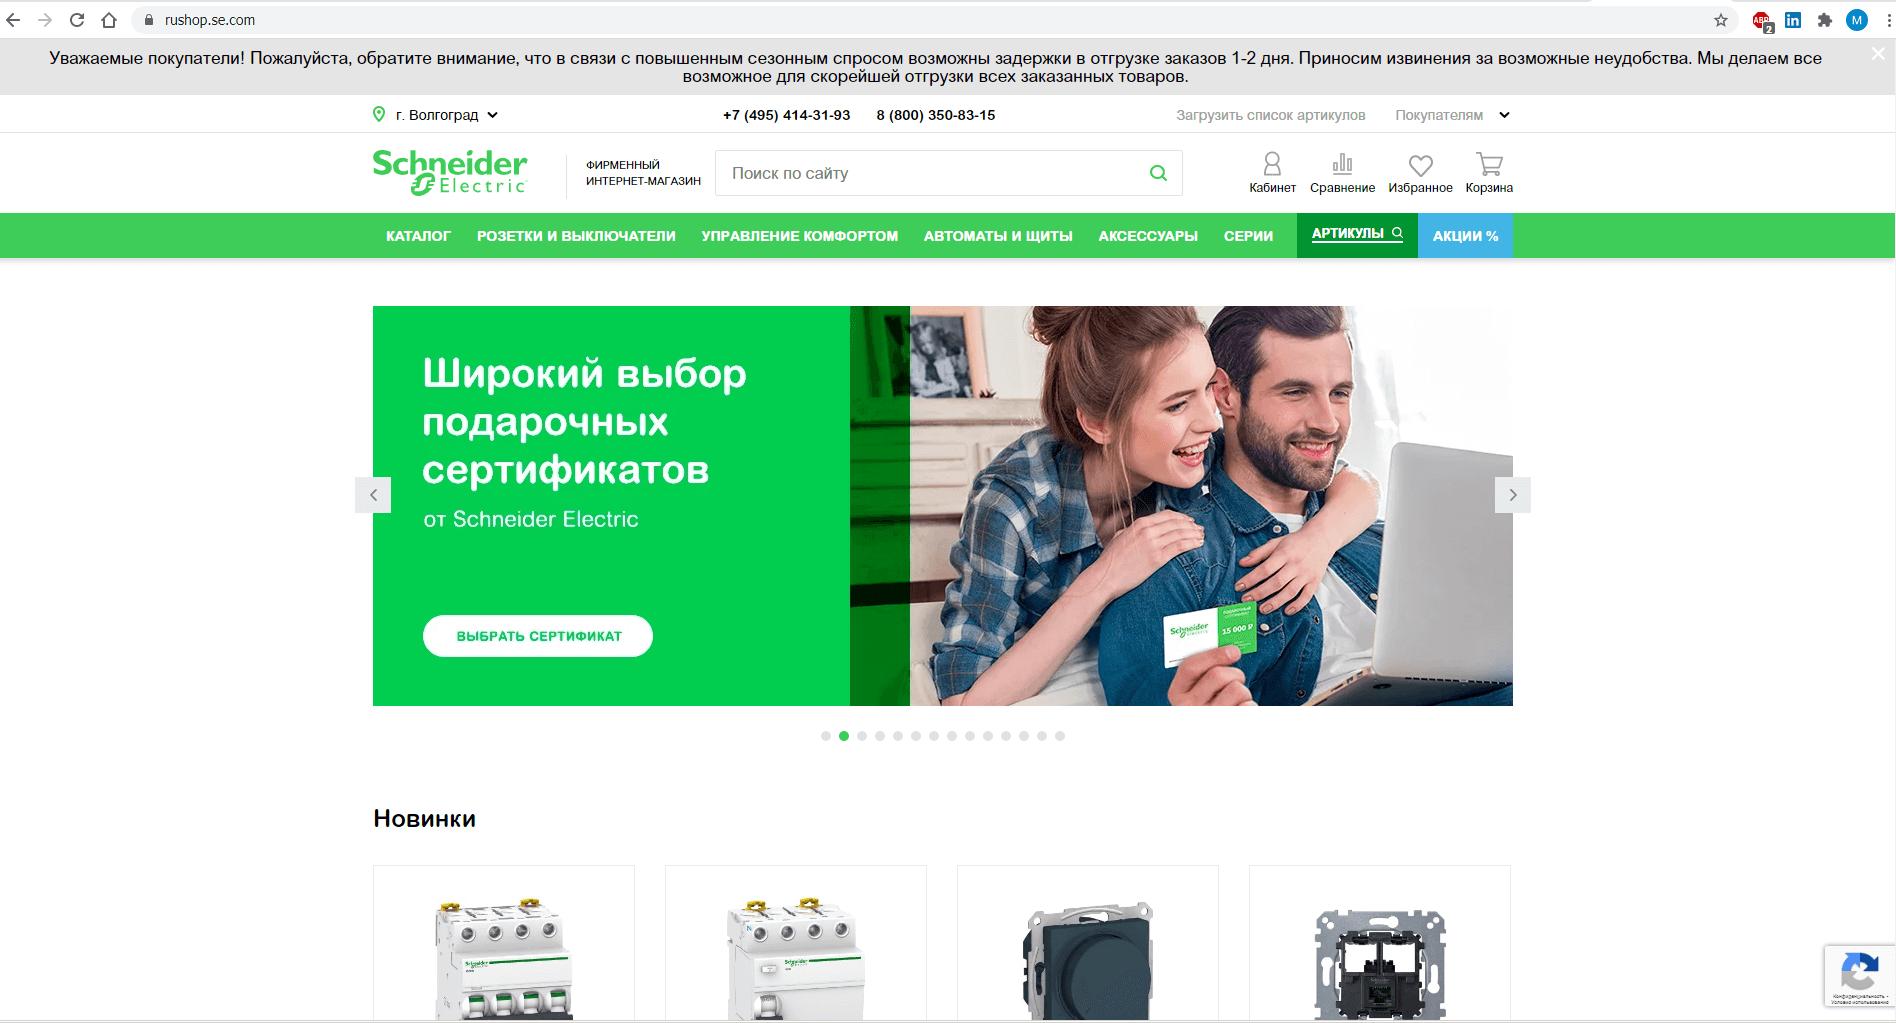 rushop.se.com website